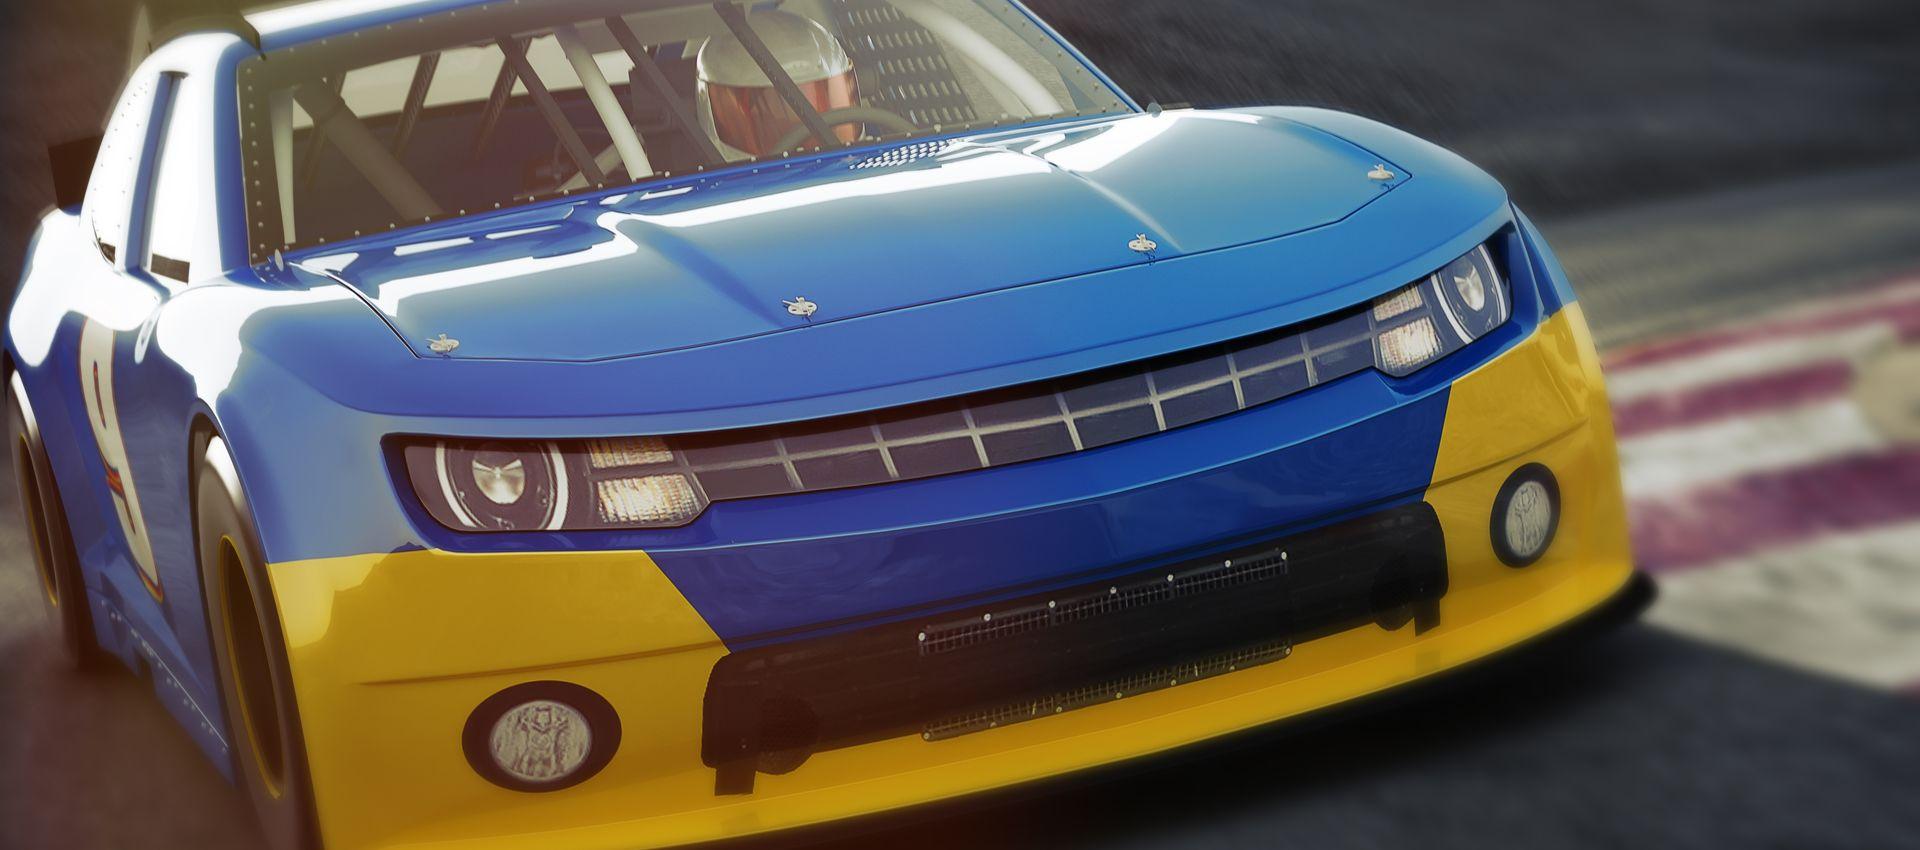 הבטיחות הכתיבה איך שהמוצר ייראה על המסלול. צילום: shutterstock